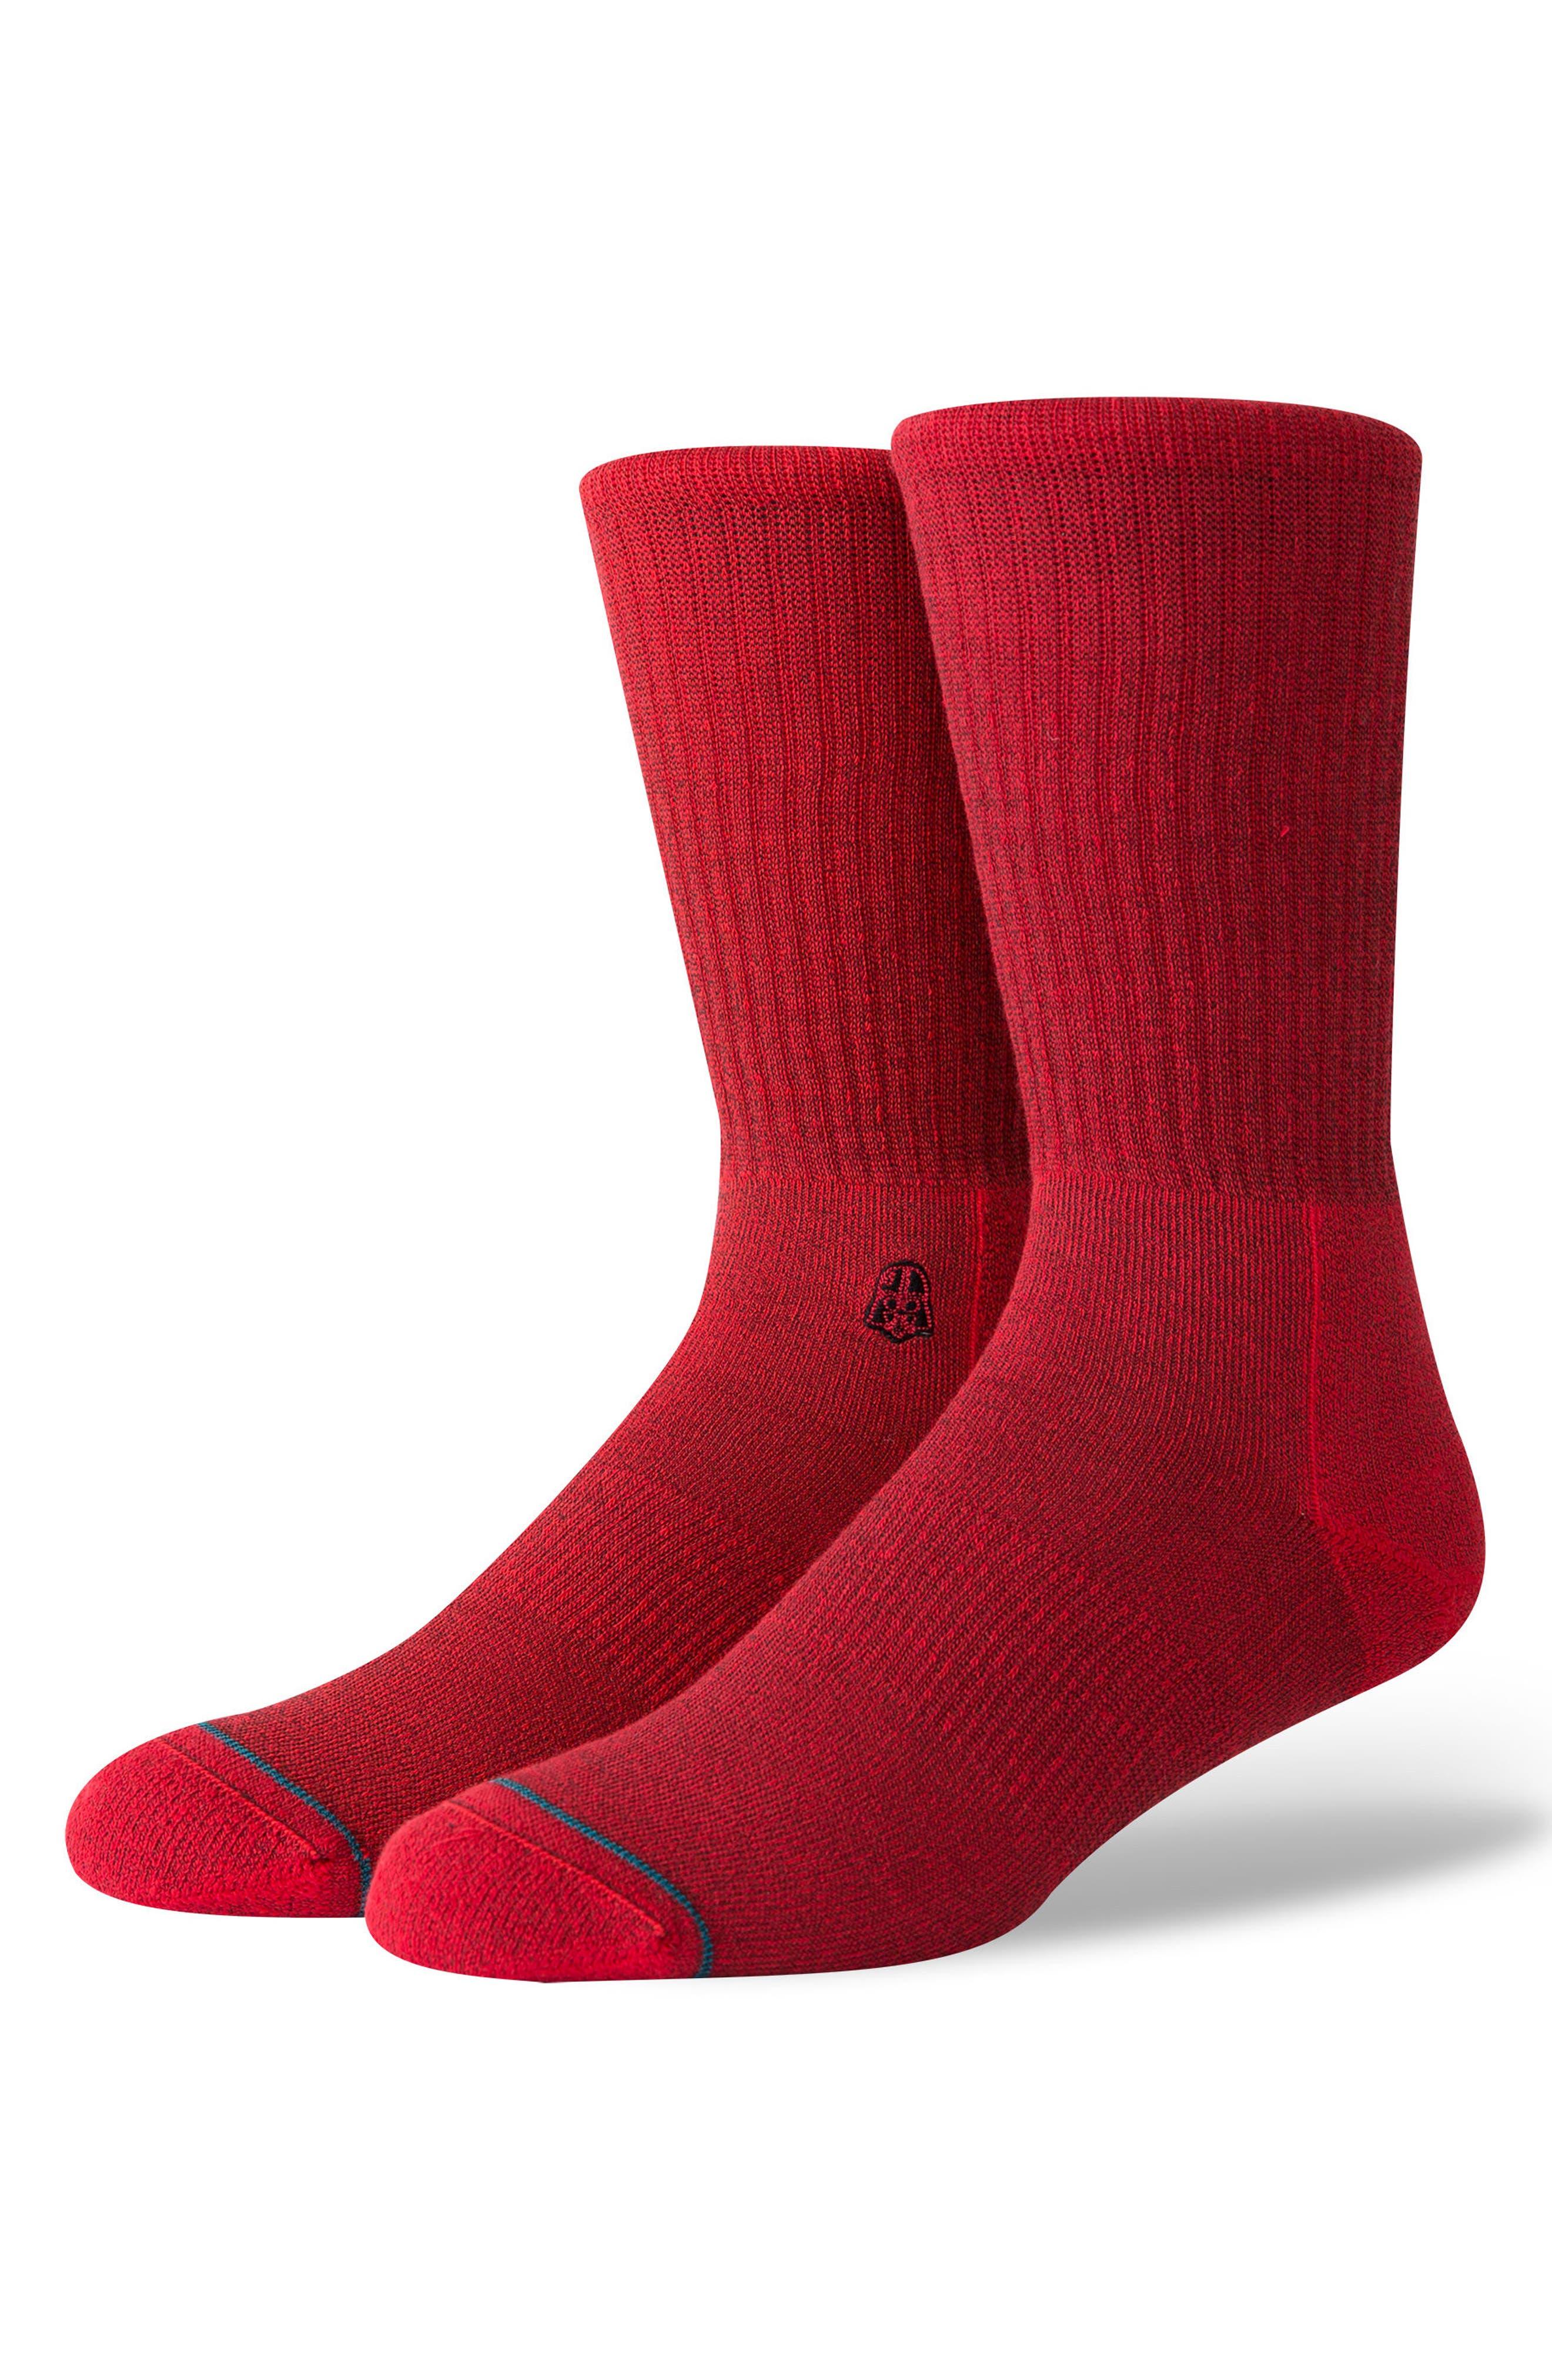 Star Wars Solid Vader Socks,                             Main thumbnail 1, color,                             RED